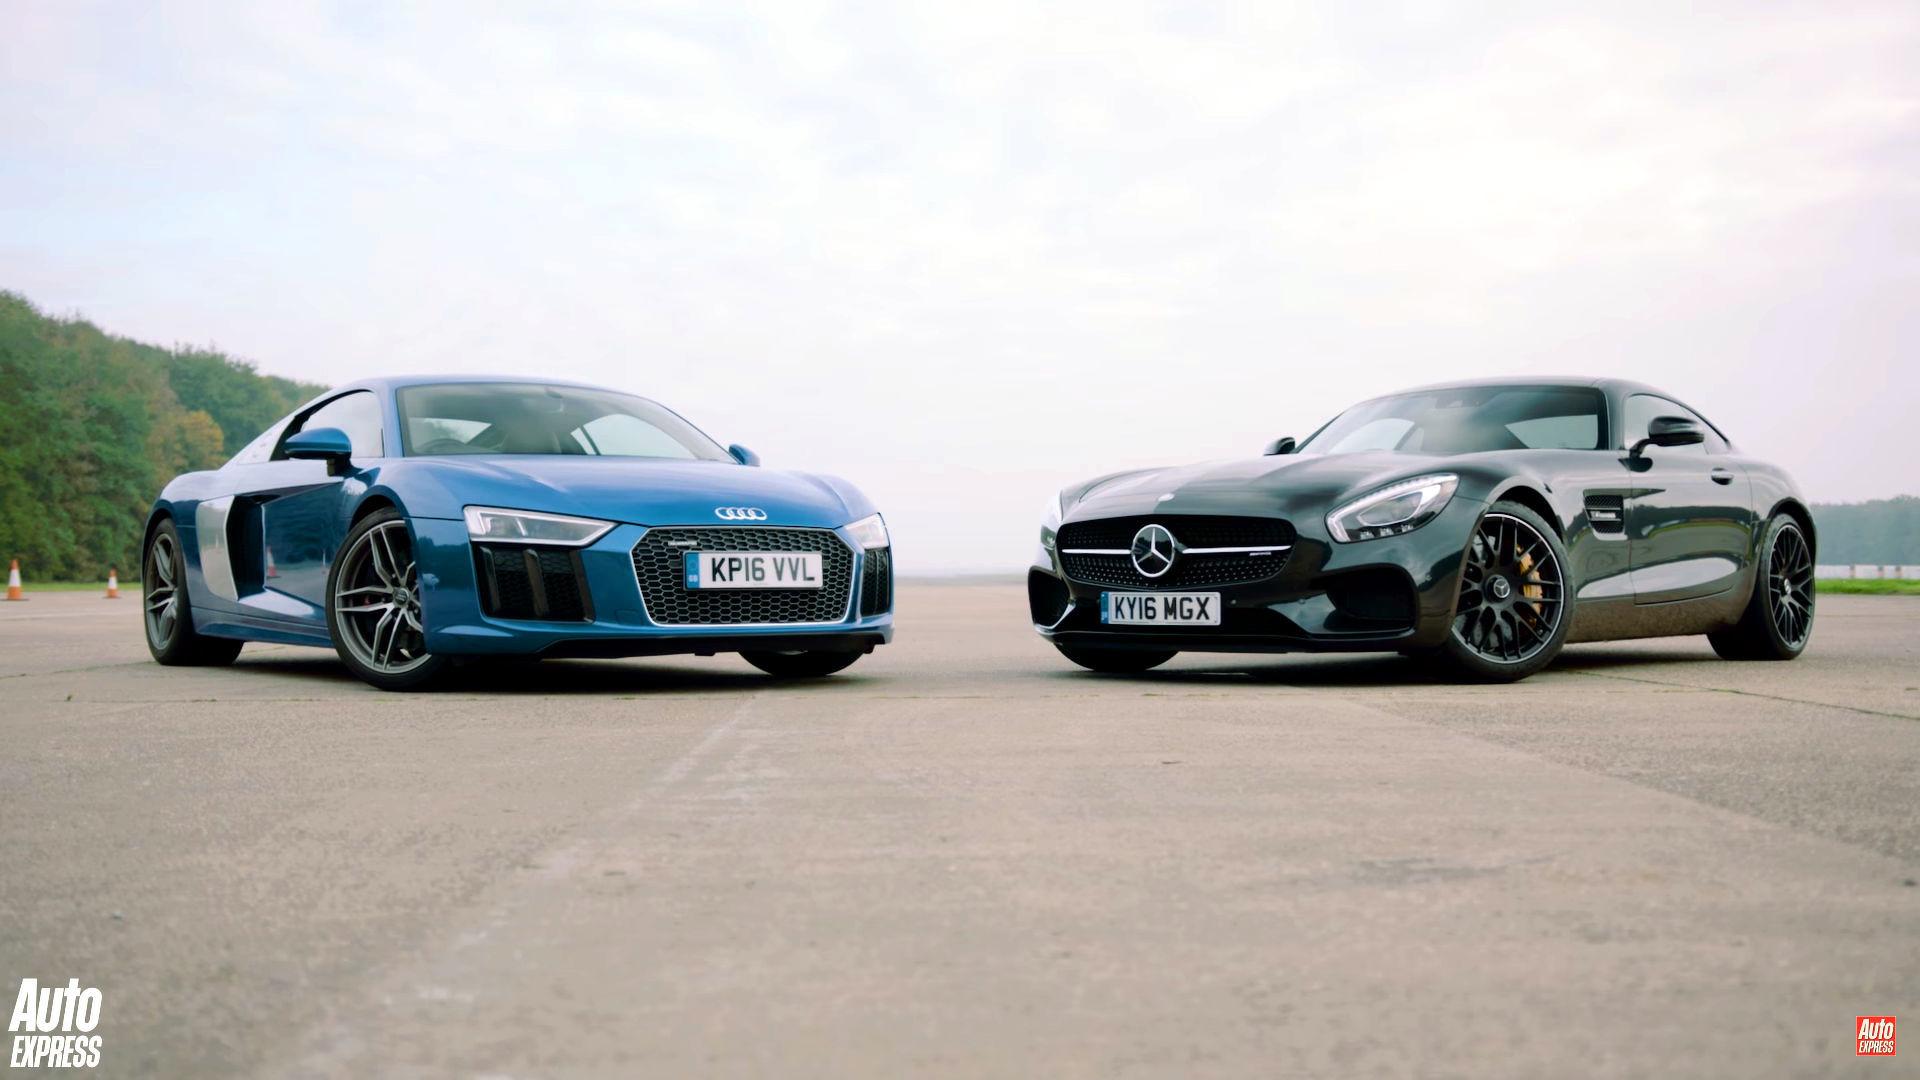 Kelebihan Kekurangan Audi Mercedes Perbandingan Harga